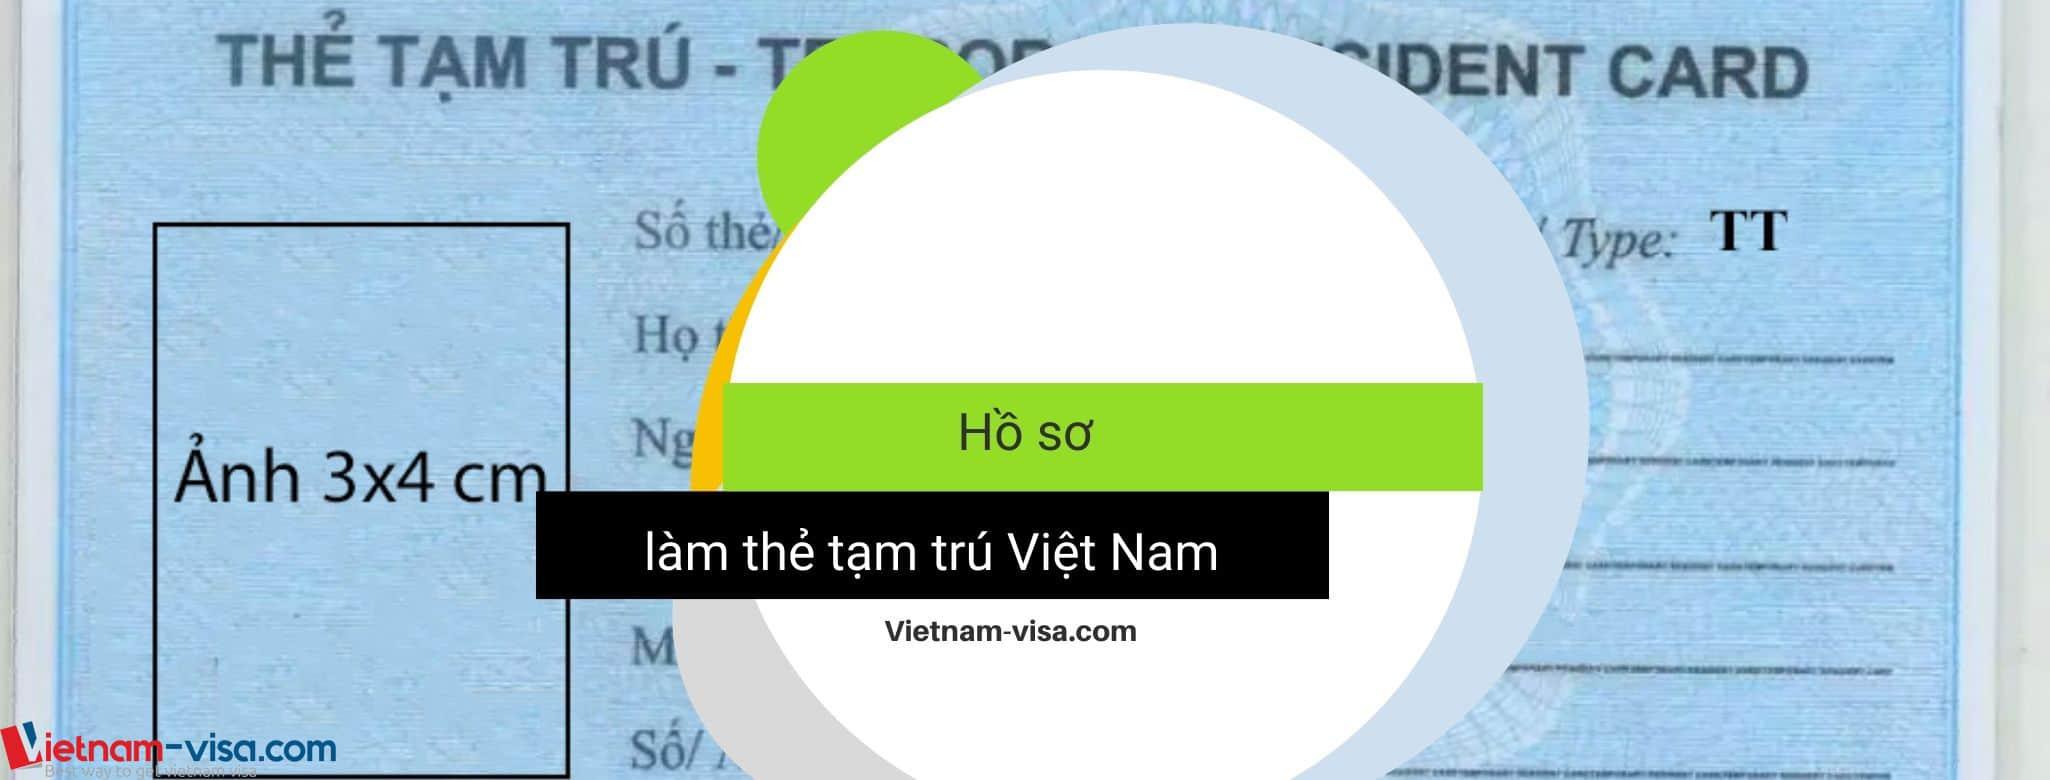 Hồ sơ làm thẻ tạm trú Việt Nam